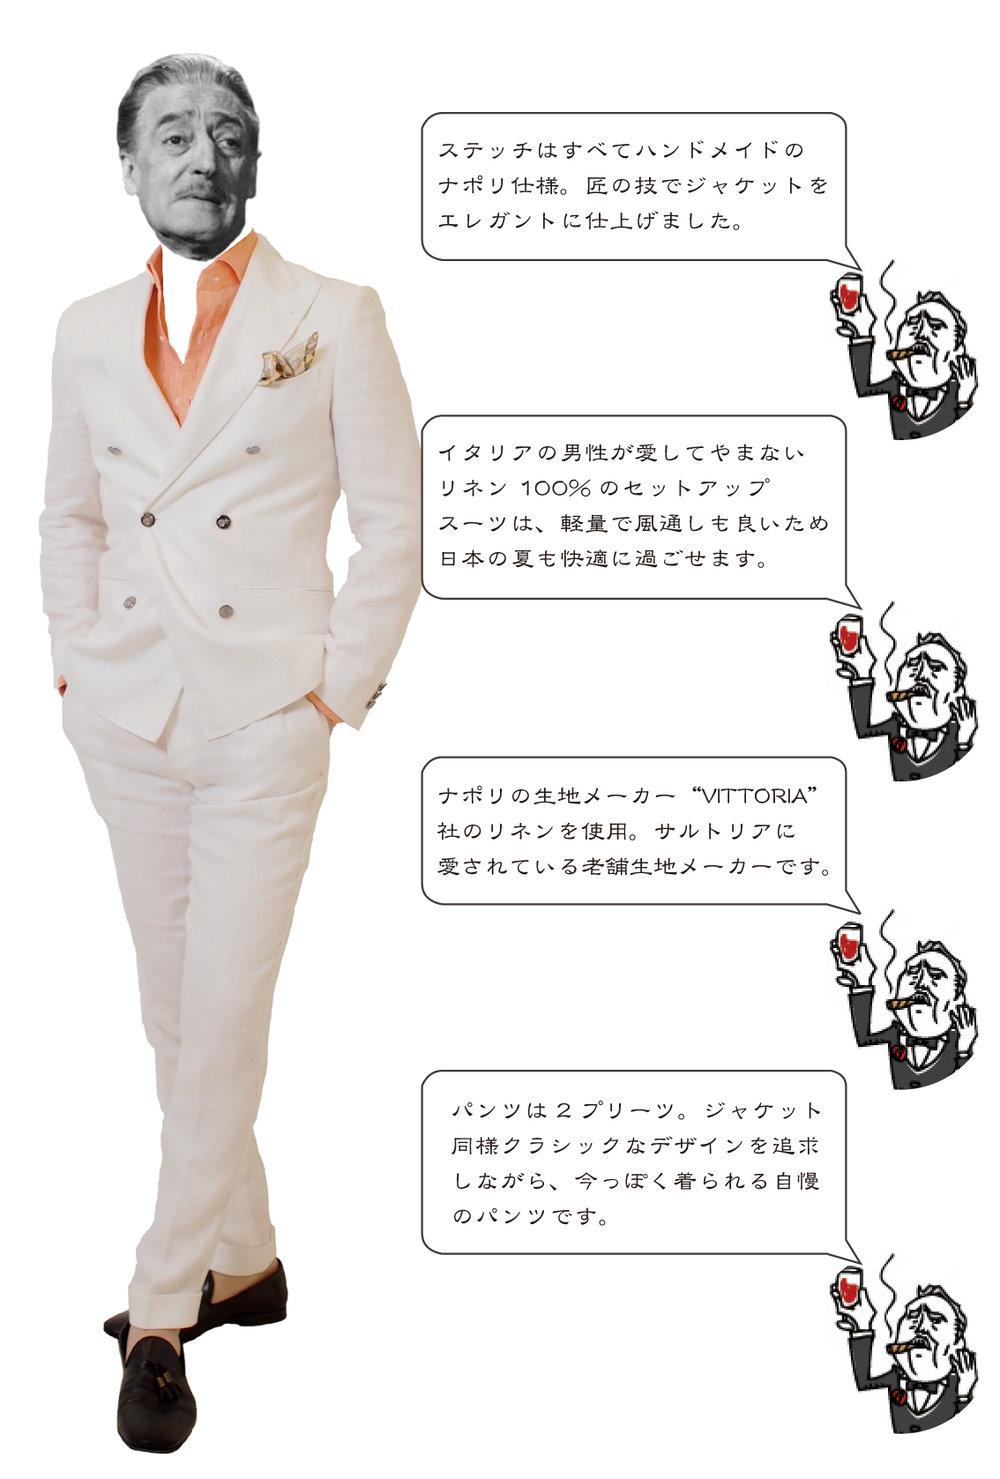 ナポリメイドのダブルブレスト・スーツ特徴